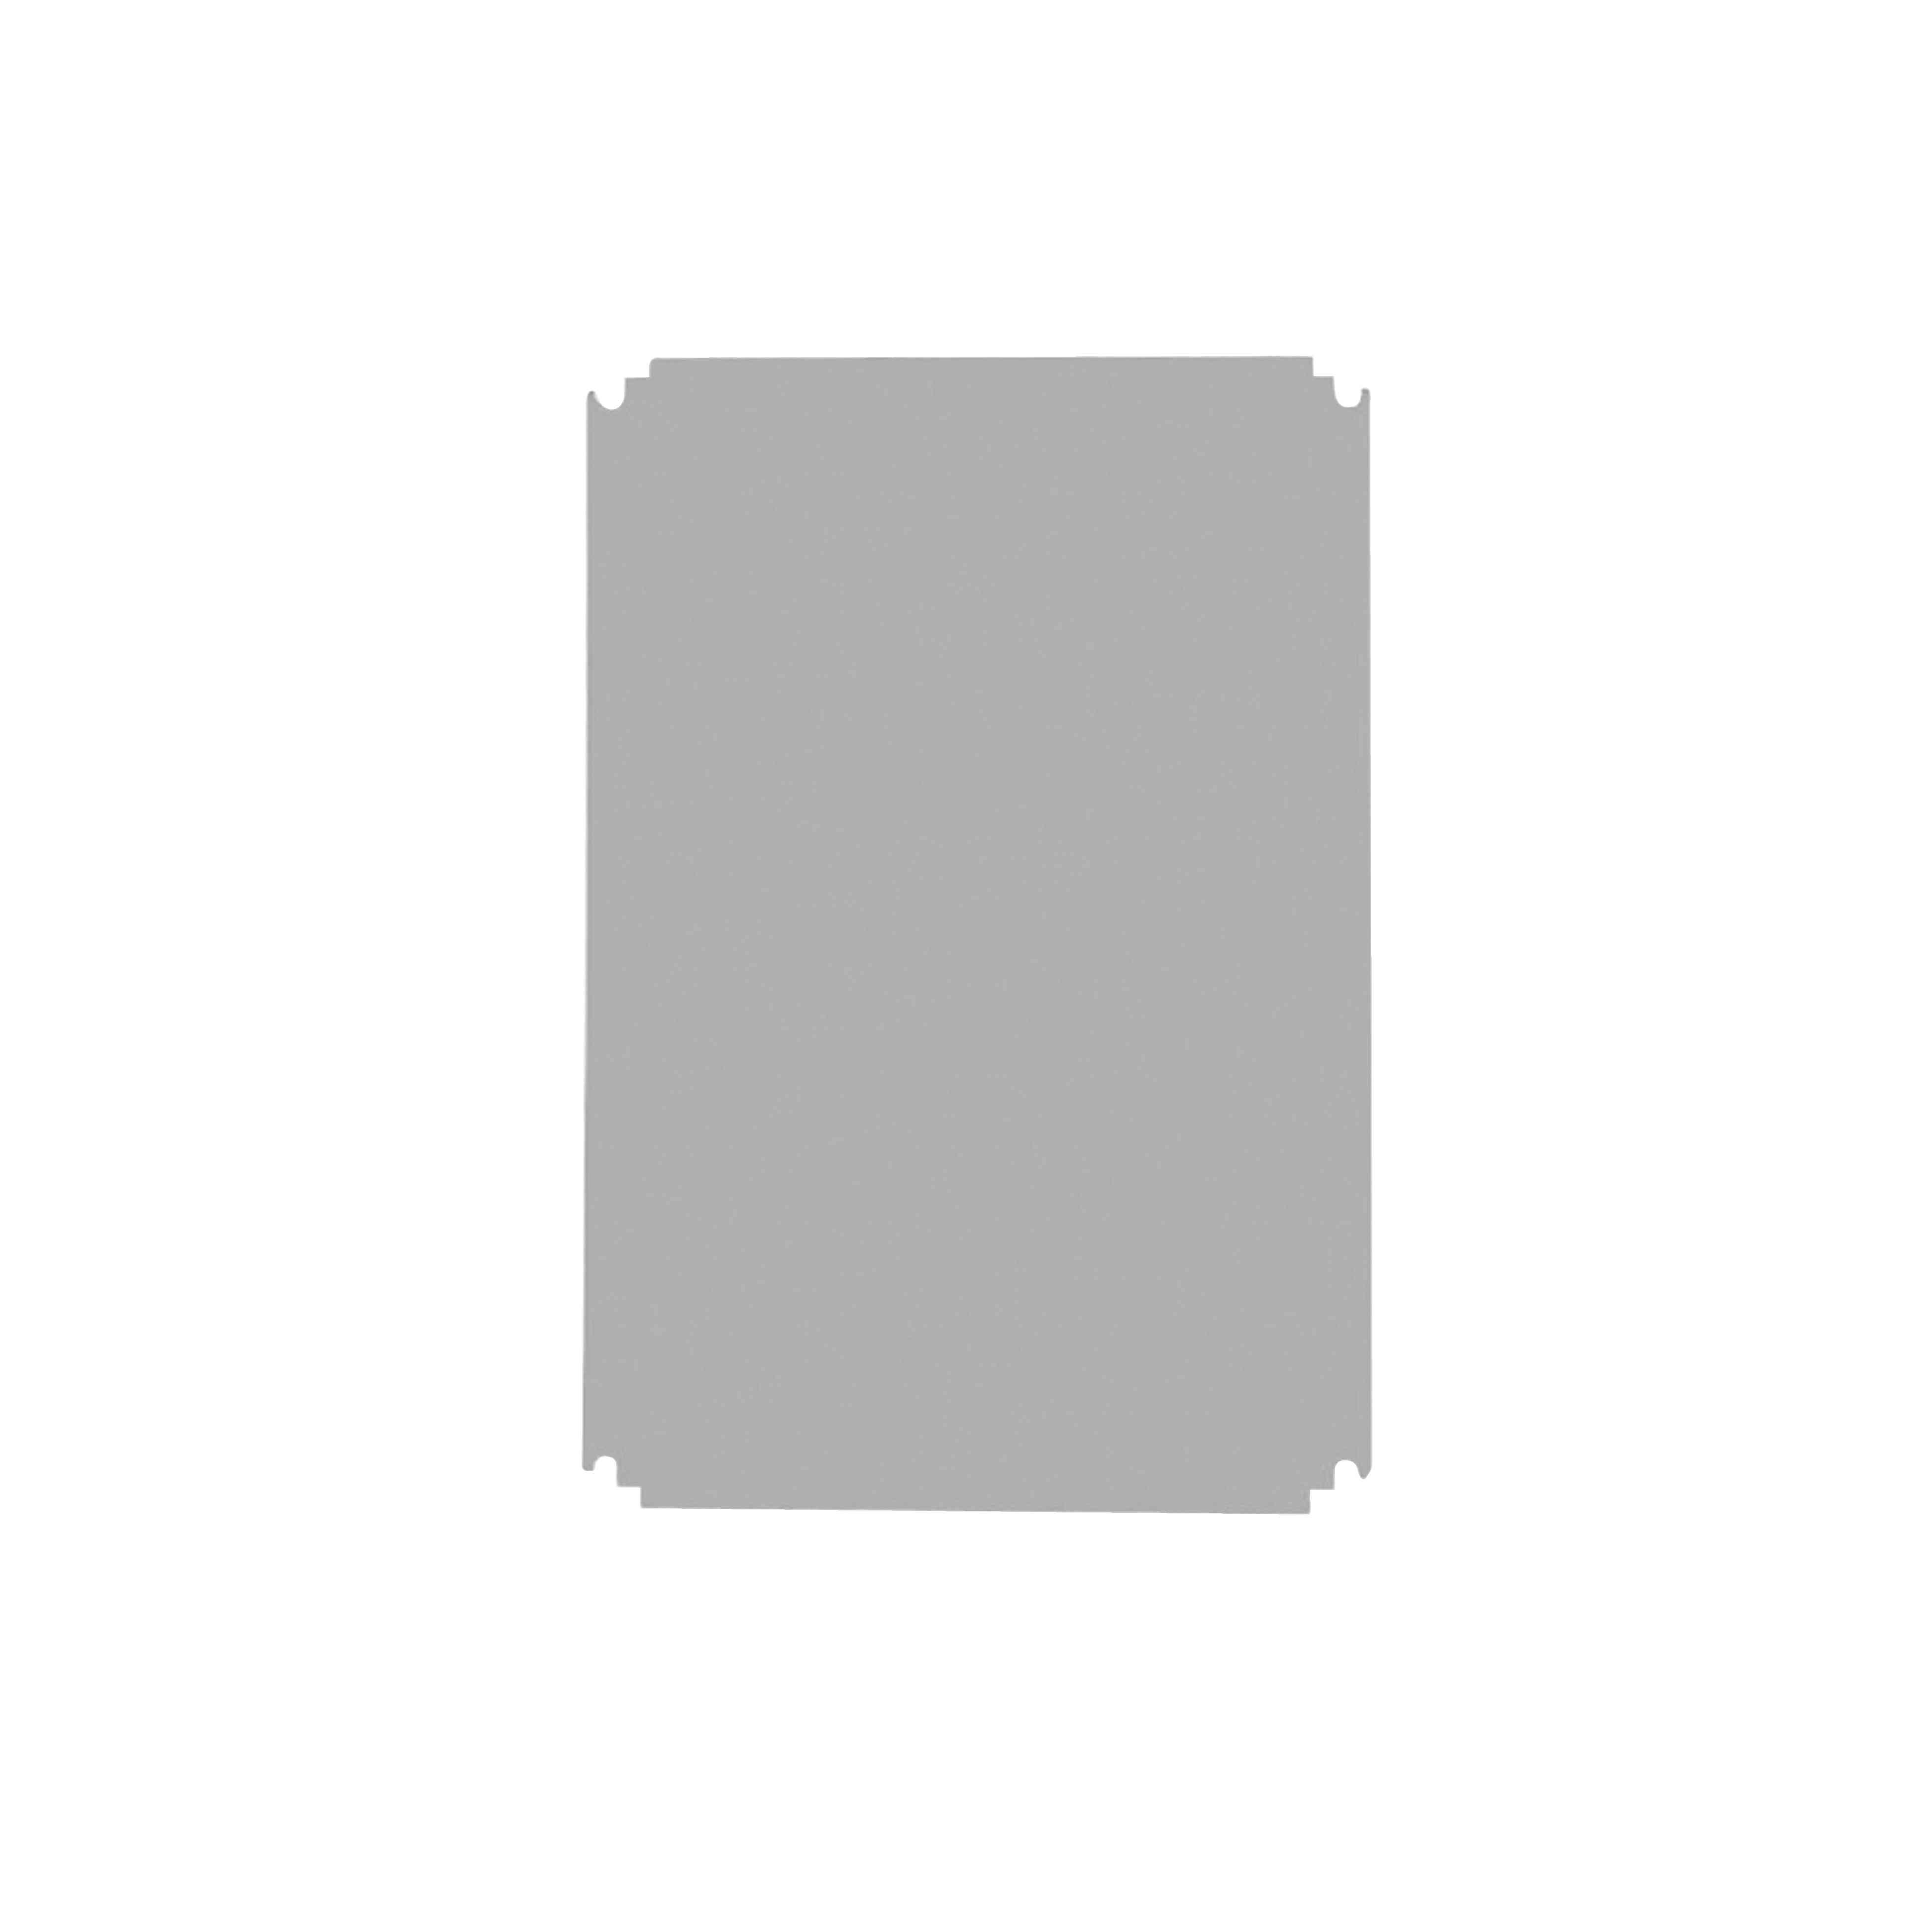 Izolacijska poliestrska montažna plošča za omaro PLS 27 x 27 cm